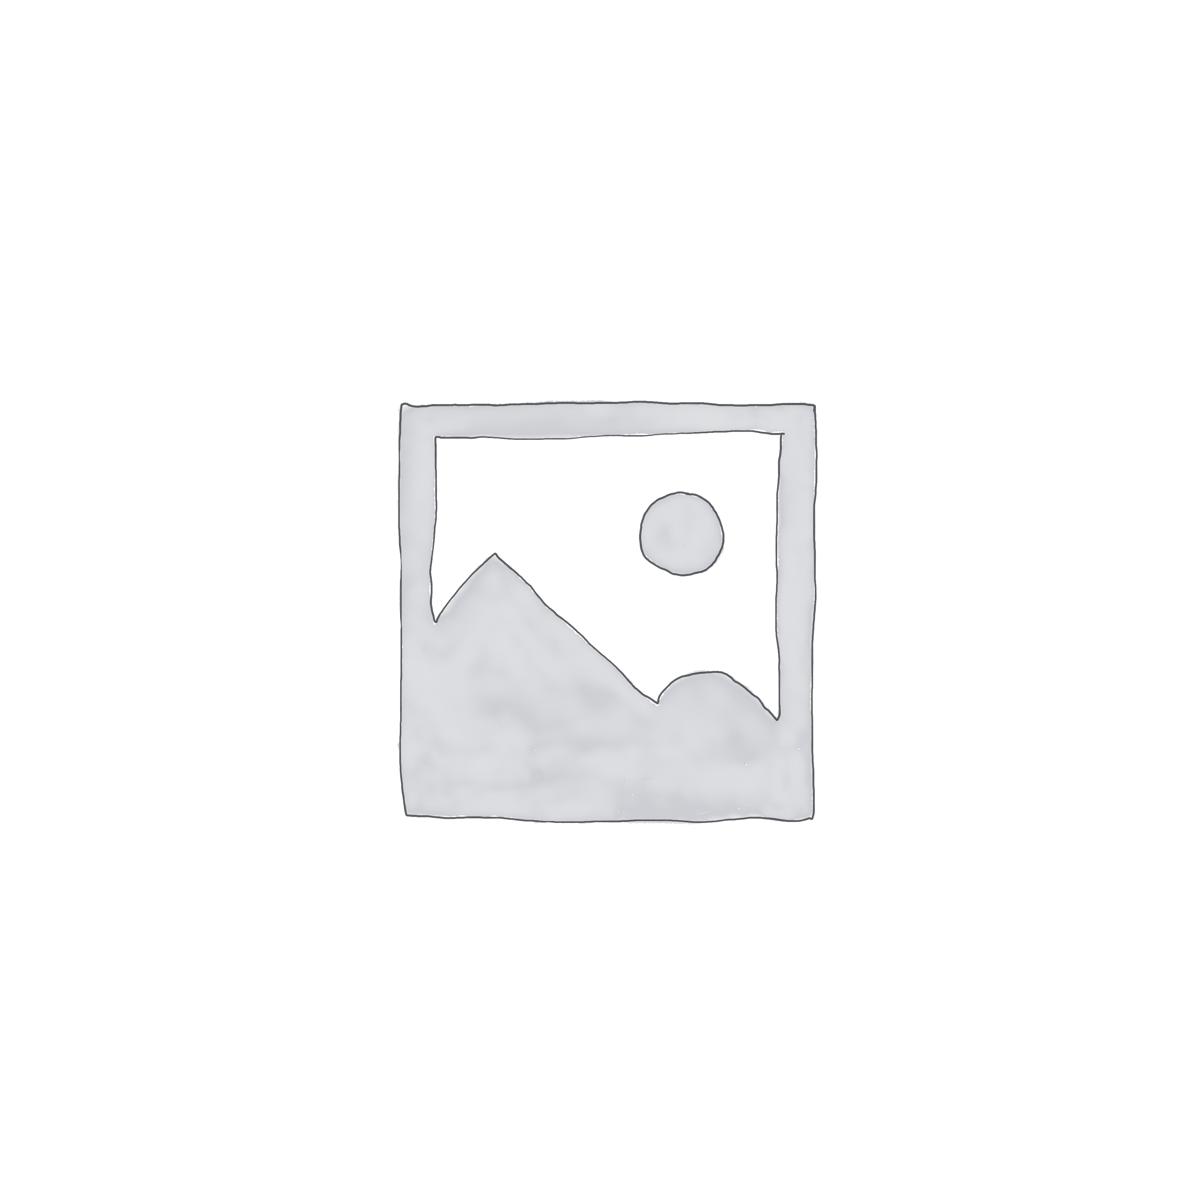 Slamp Hängeleuchte Lillibet, weiß, 66 cm